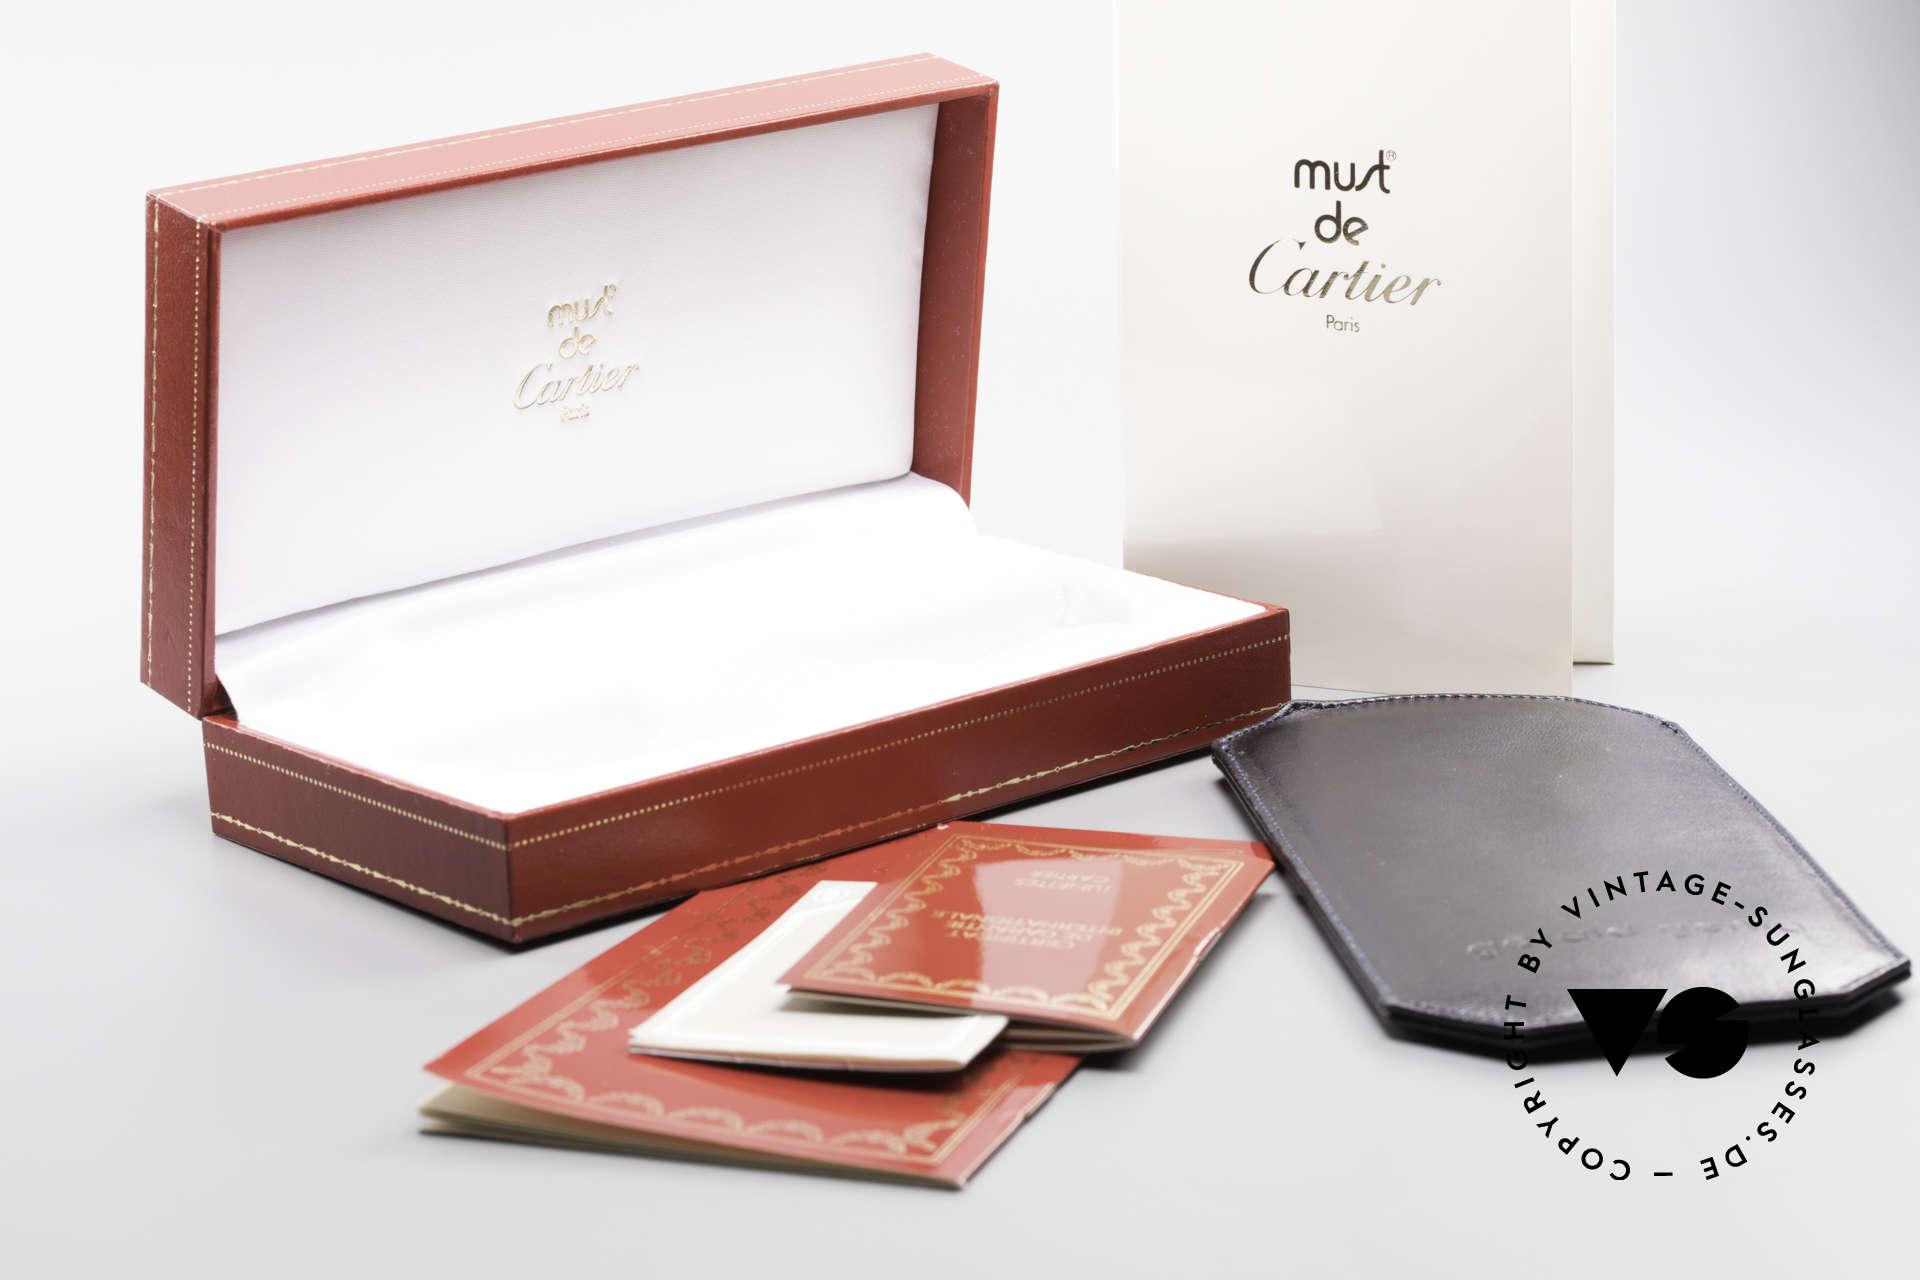 Cartier Deimios Square Frame Luxury Platinum, NO retro eyeglasses; an old original from app. 1999!, Made for Men and Women